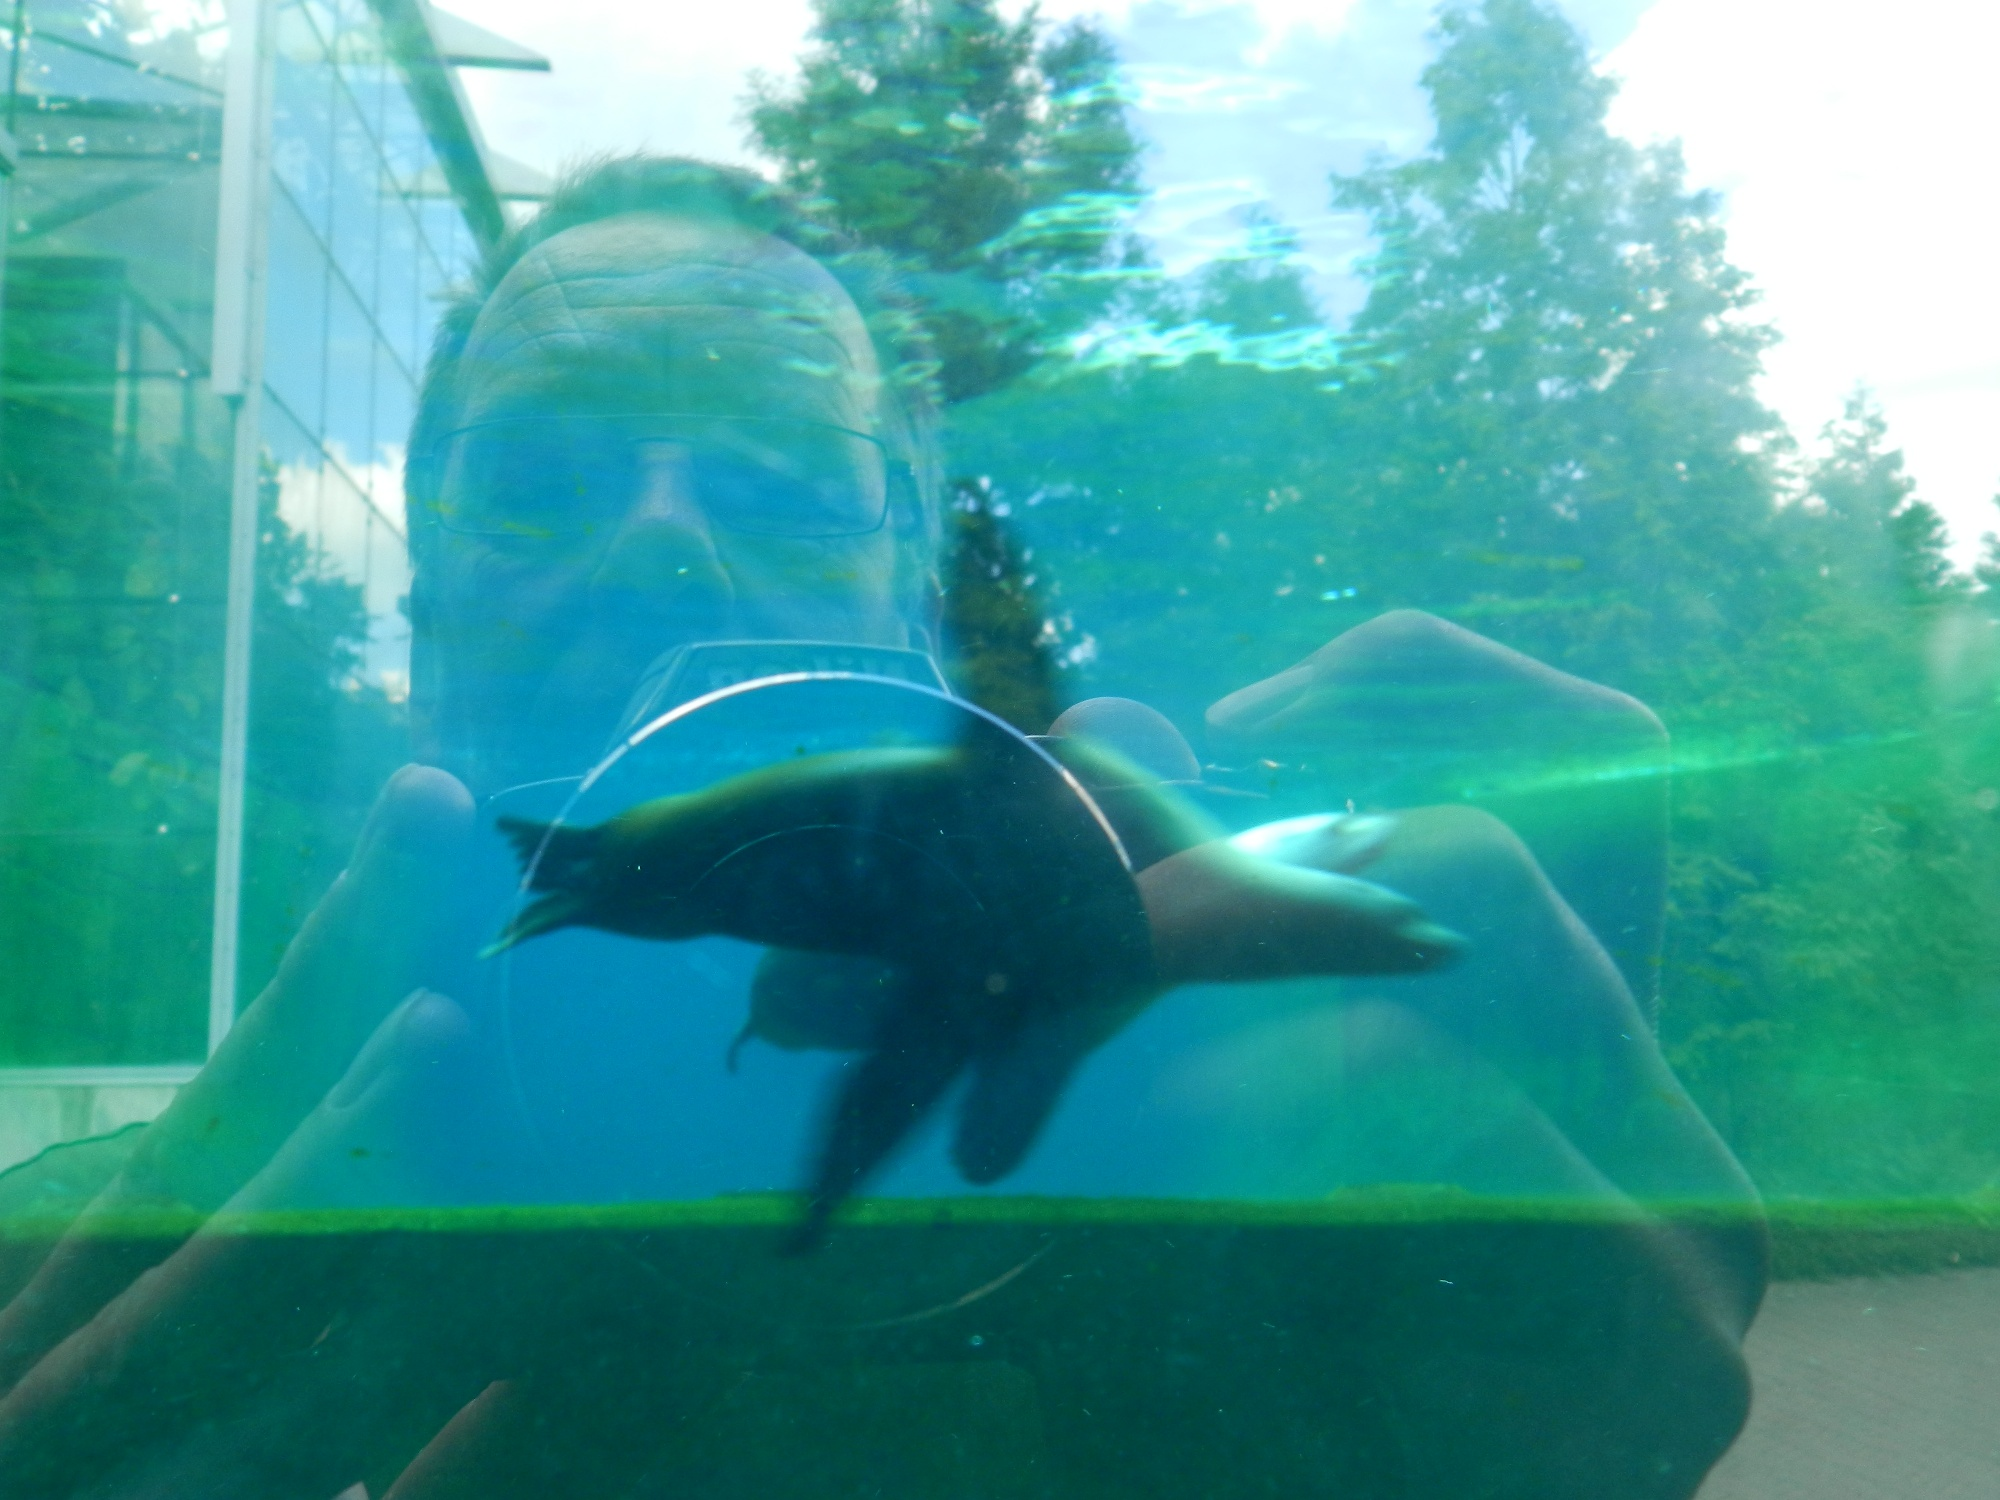 Selfie en zeeleeuw tegelijk in beeld